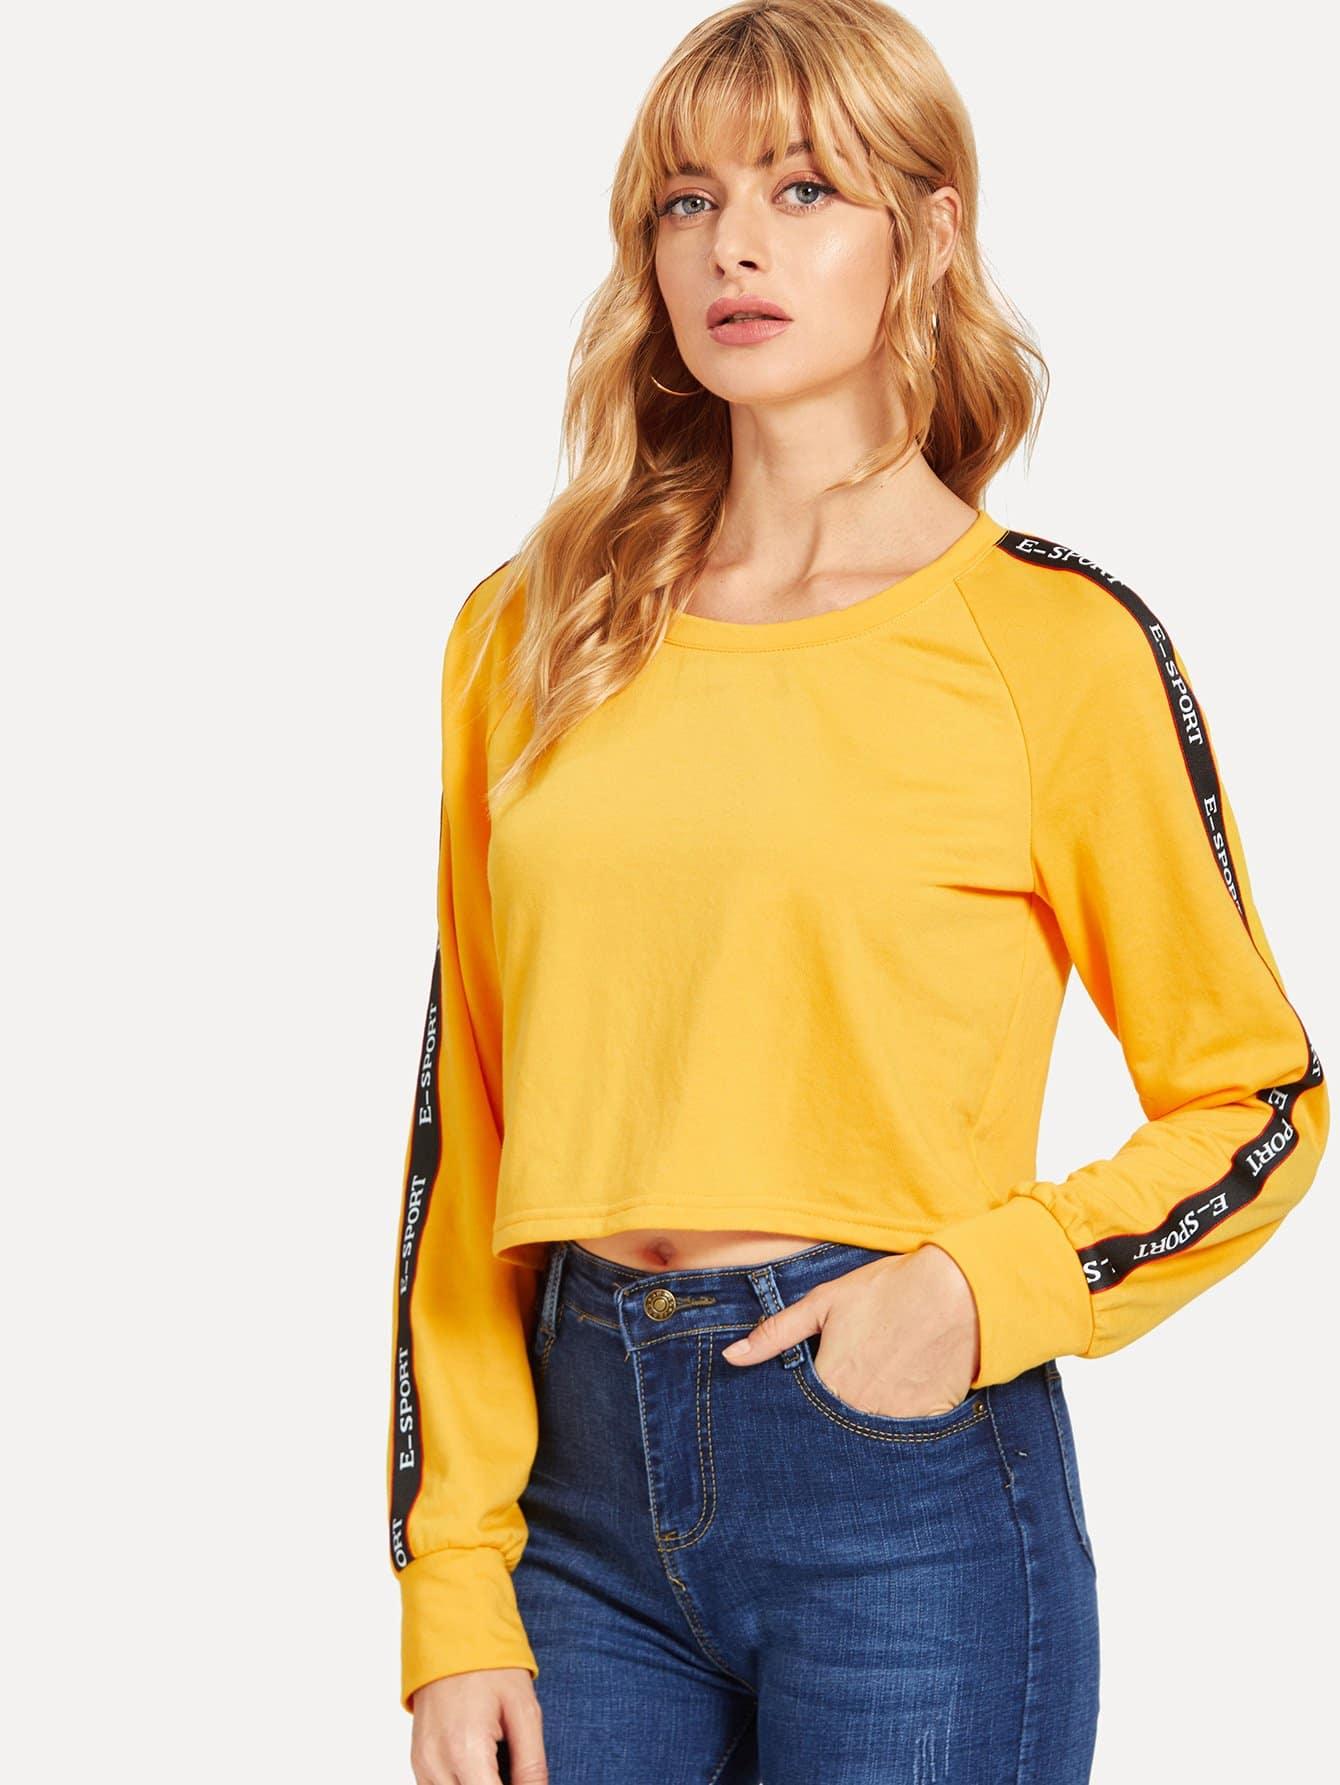 Пуловер с рукавом-регланом с принтом букв, Masha, SheIn  - купить со скидкой